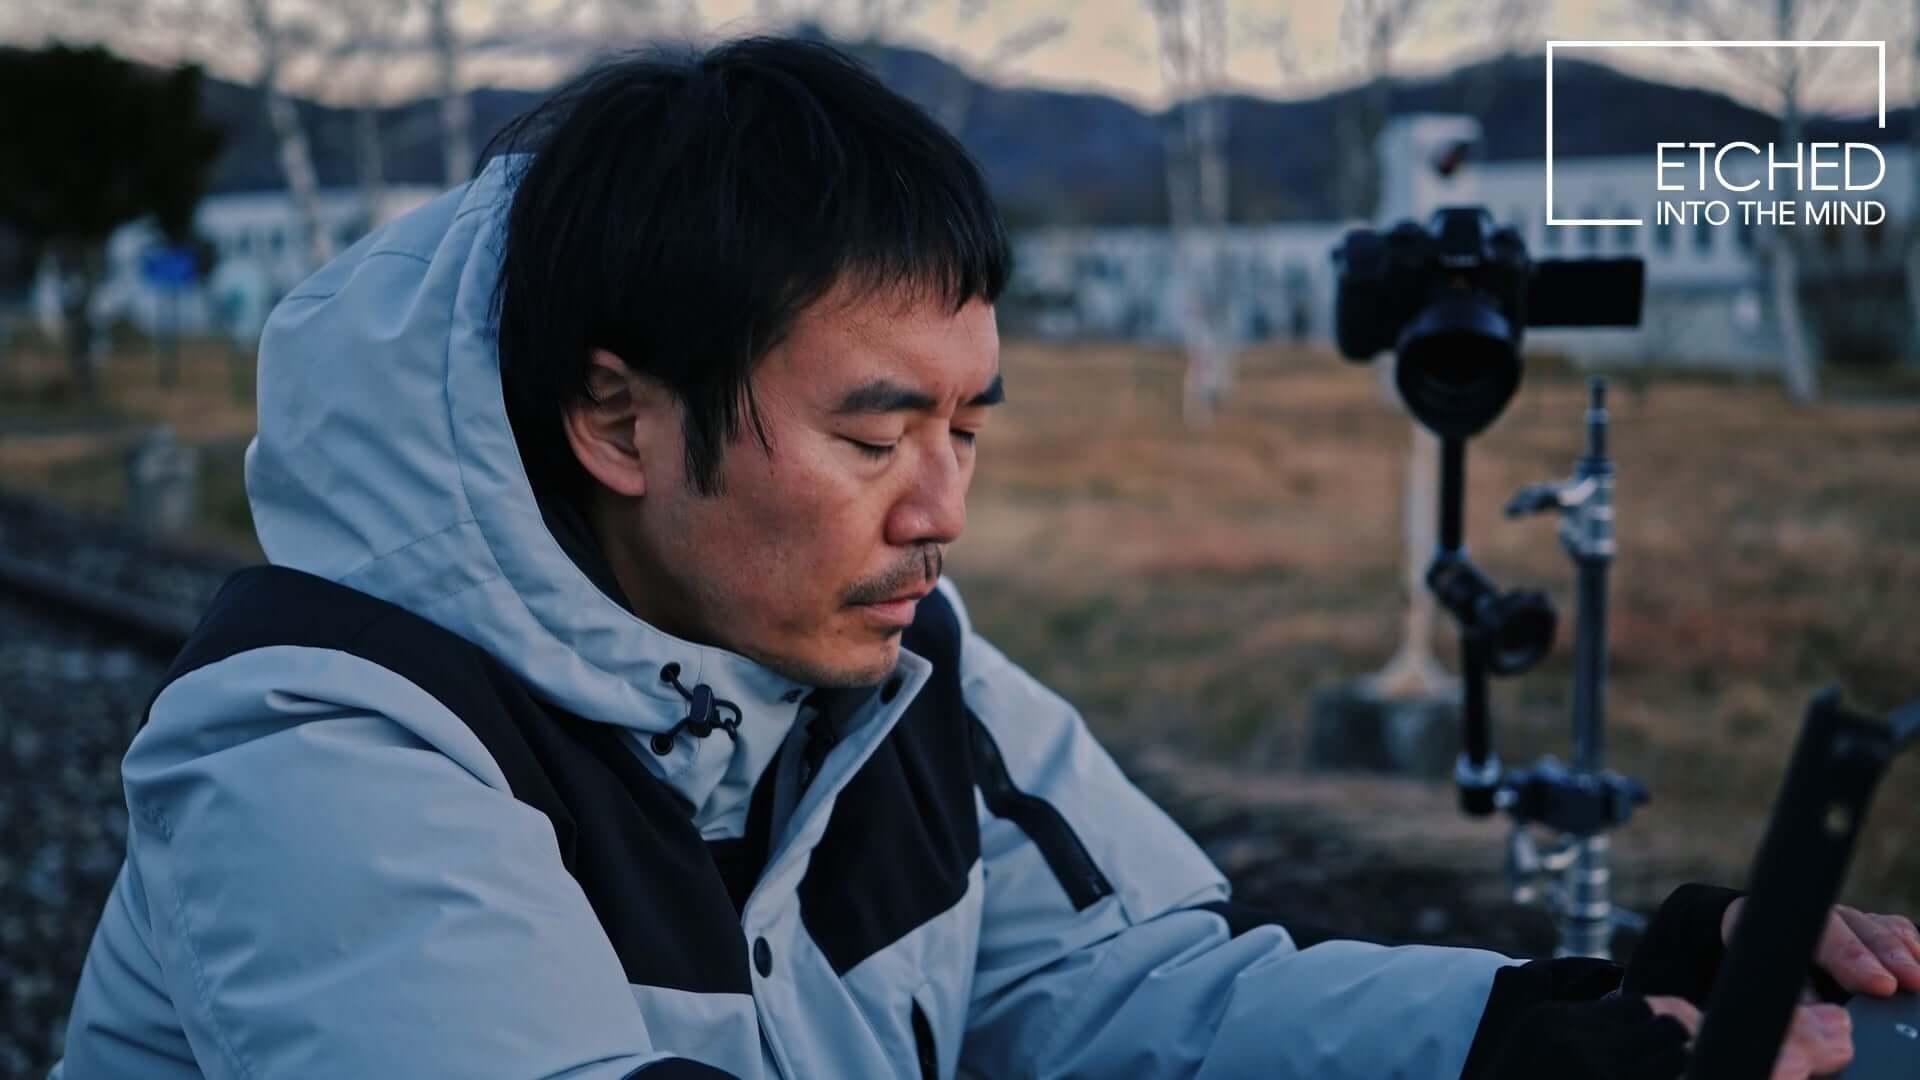 Wata Igarashiのライブセットが世界初の映像化!4Kの映像音楽アートプロジェクト「ETCHED」第3弾作品が公開 music210113_etched_5-1920x1080